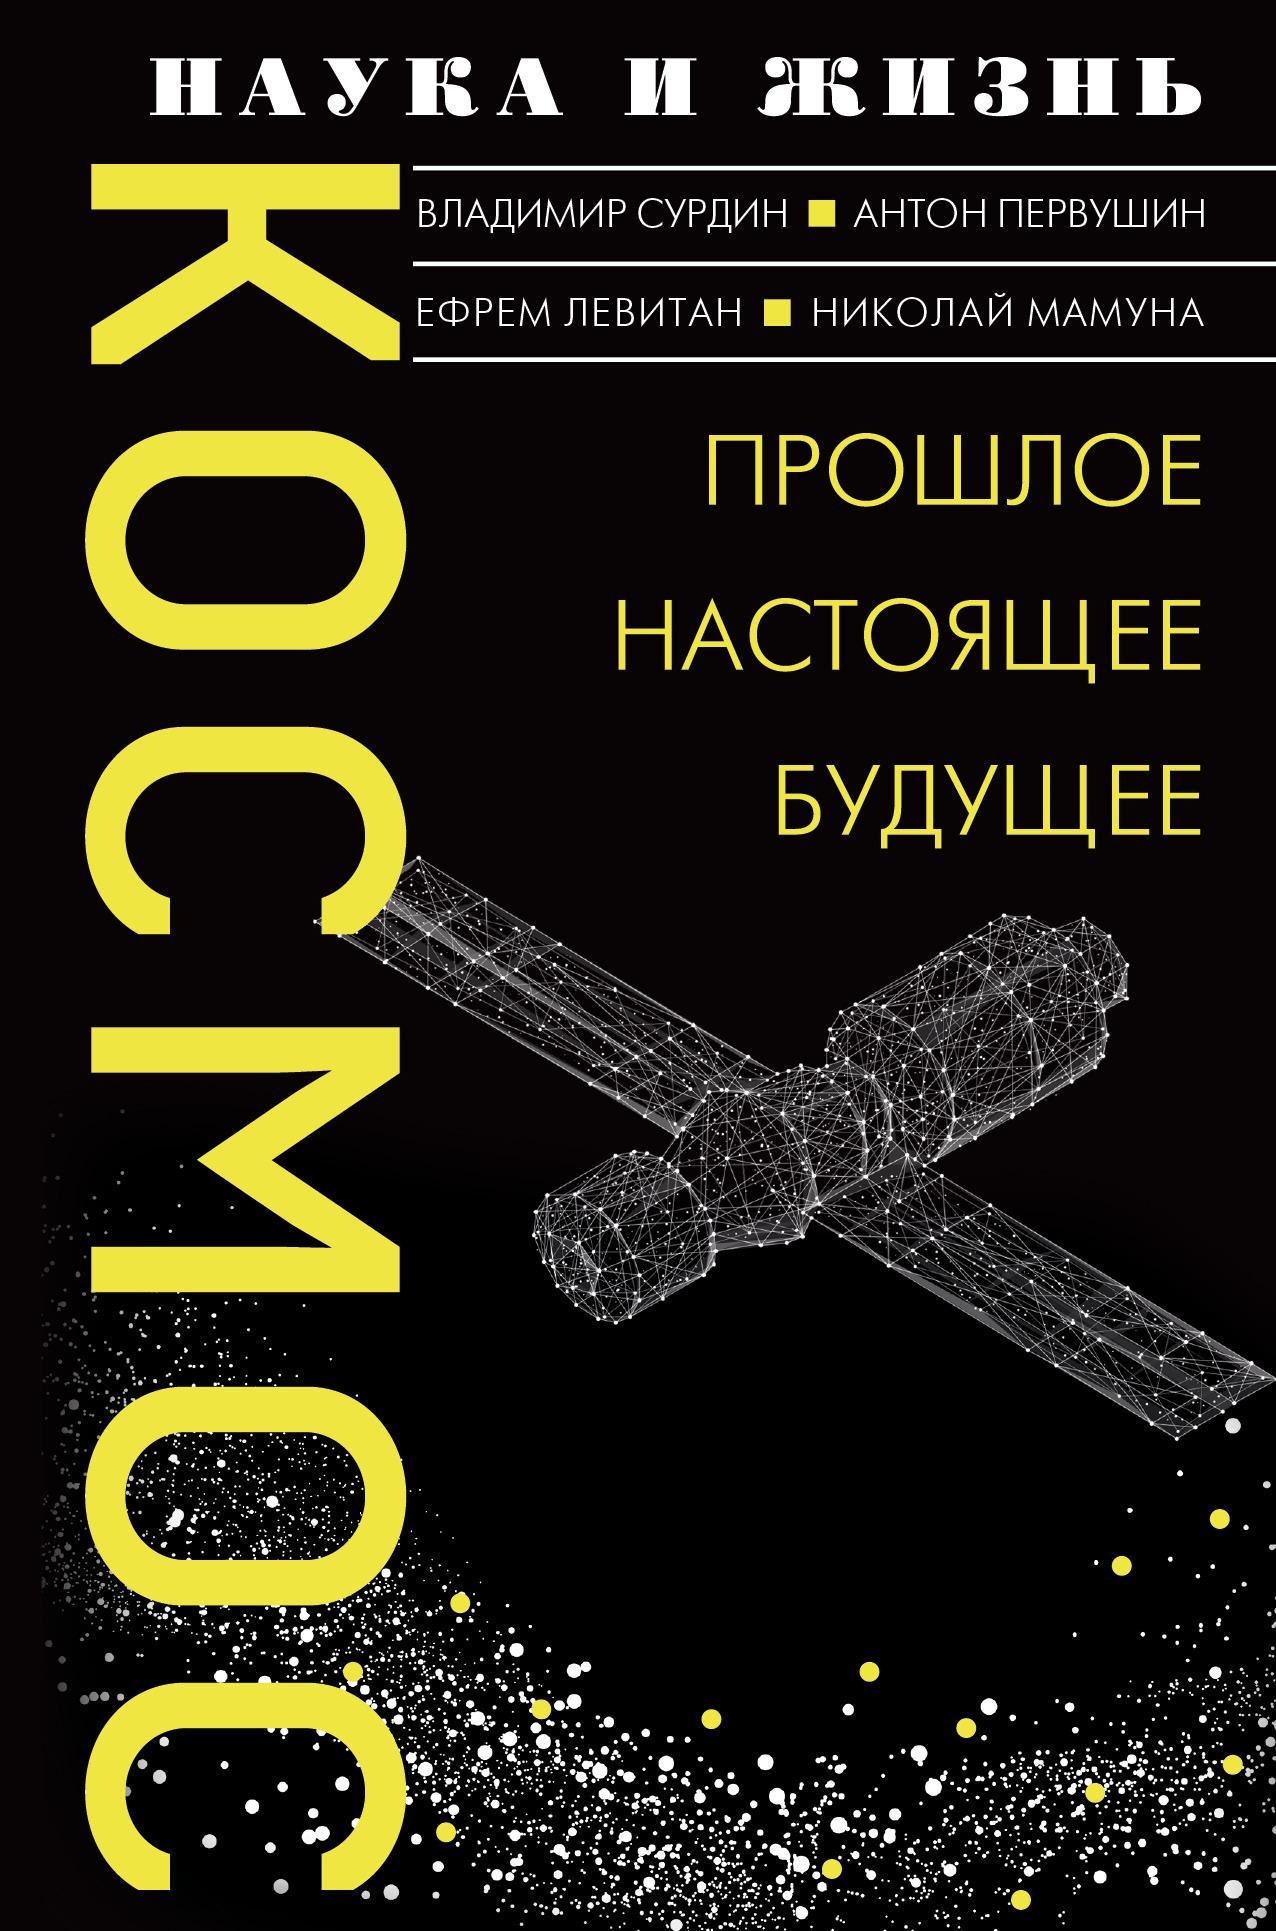 Обложка книги Космос. Прошлое, настоящее, будущее